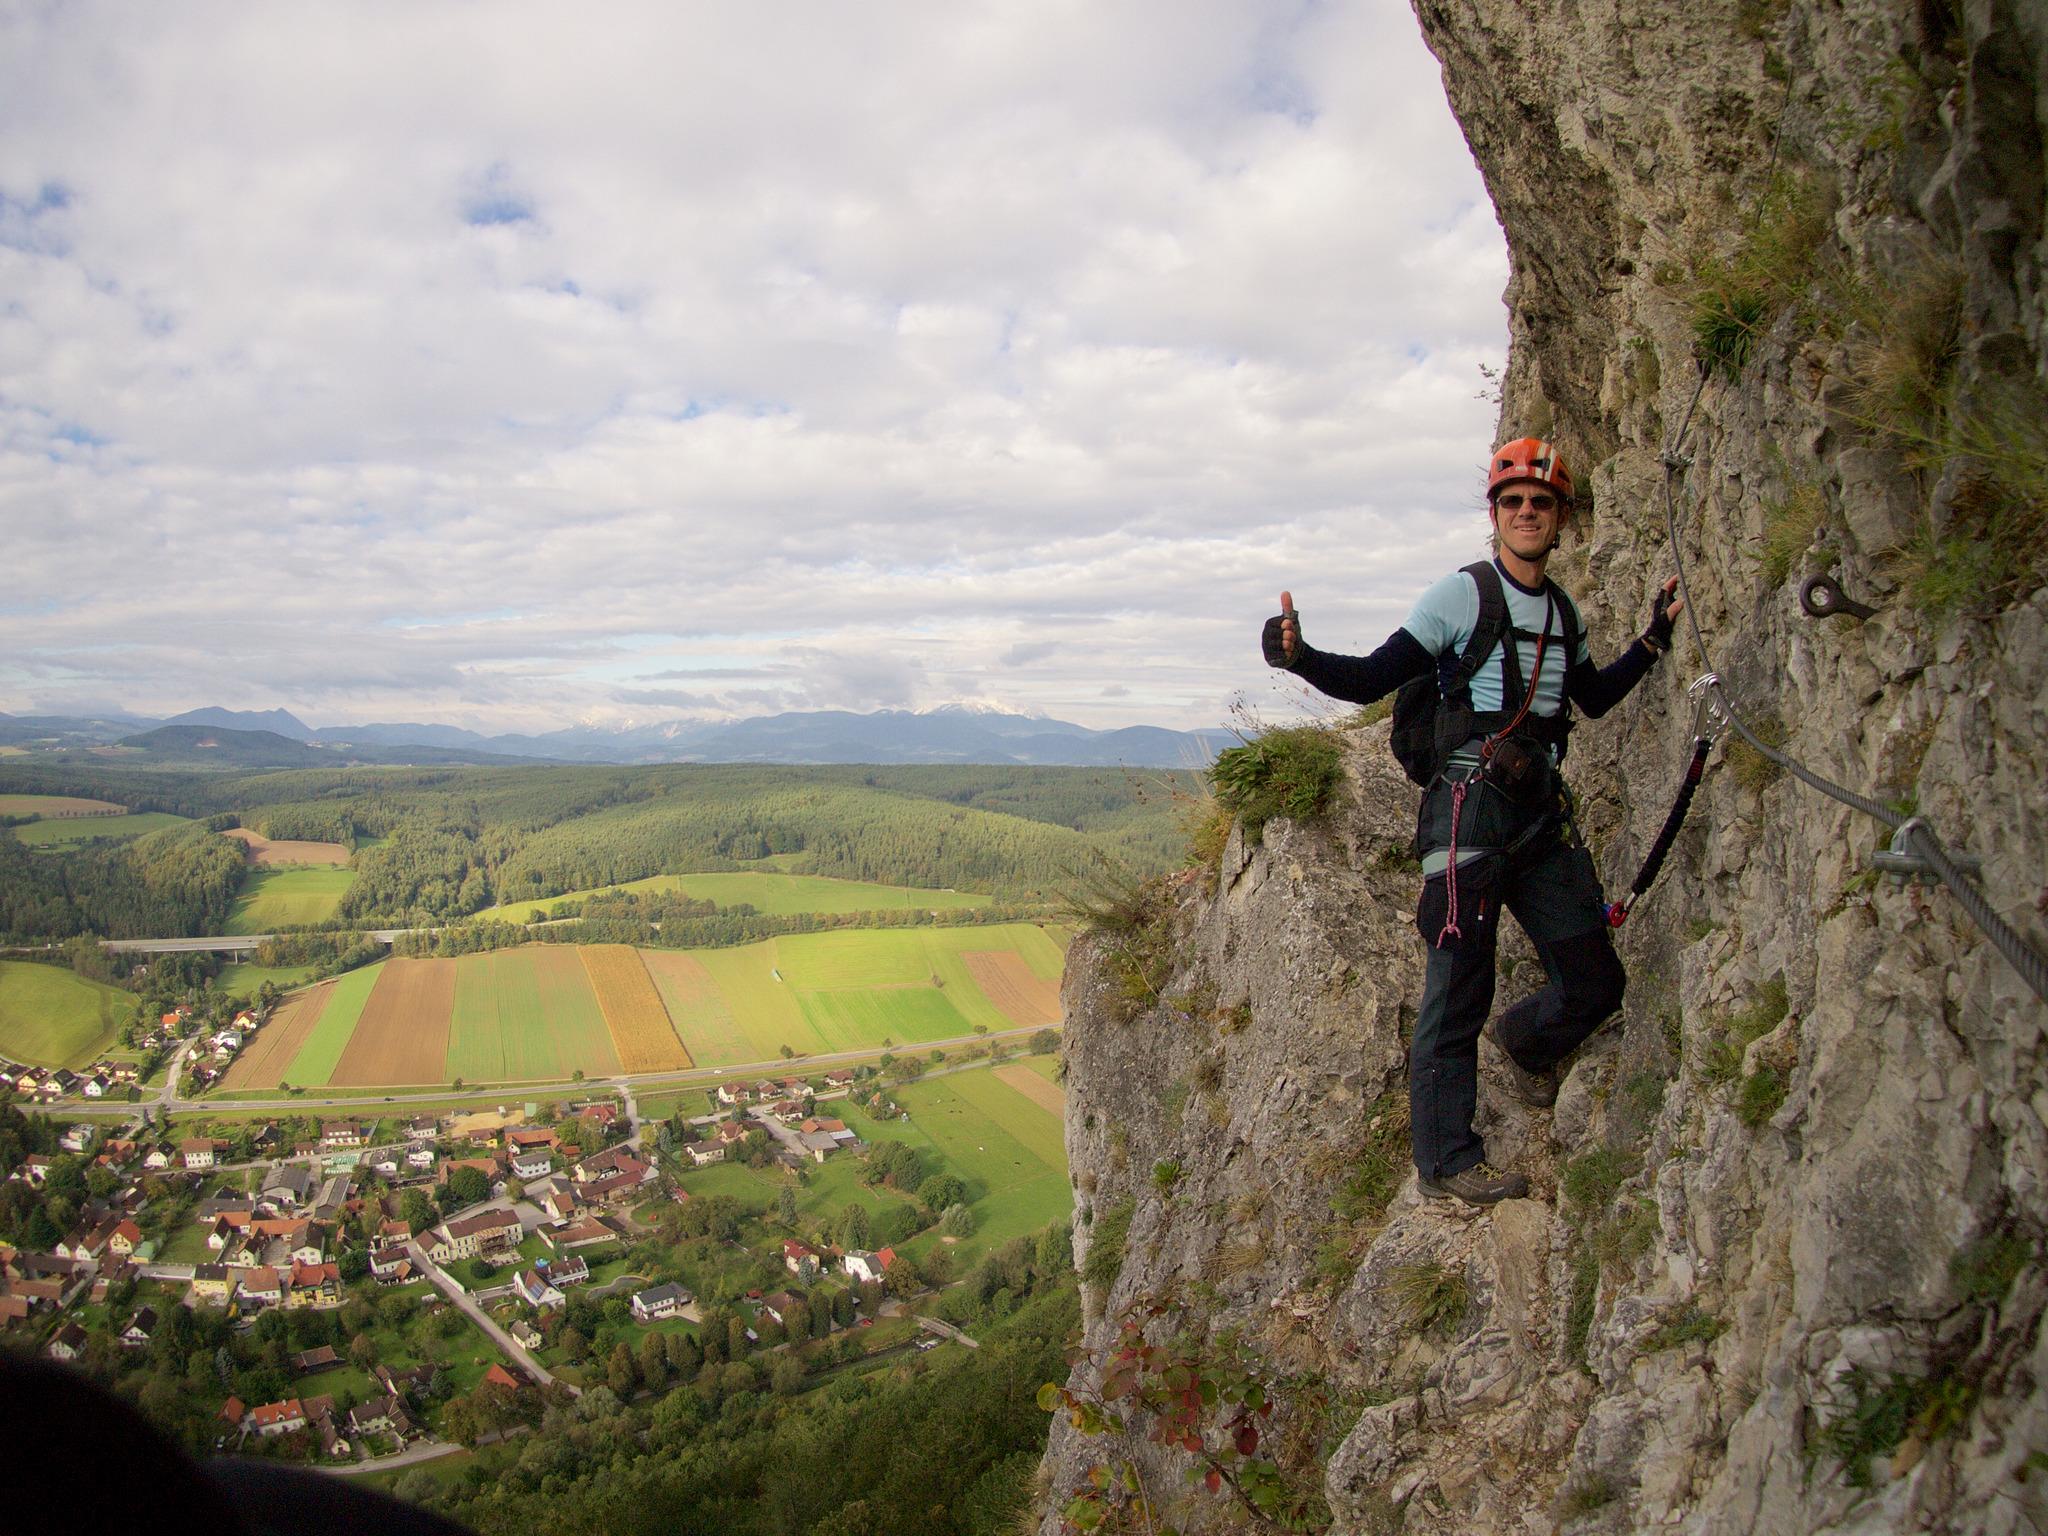 Klettersteig Türkensturz : Naturpark seebenstein türkensturz klettersteige wandern